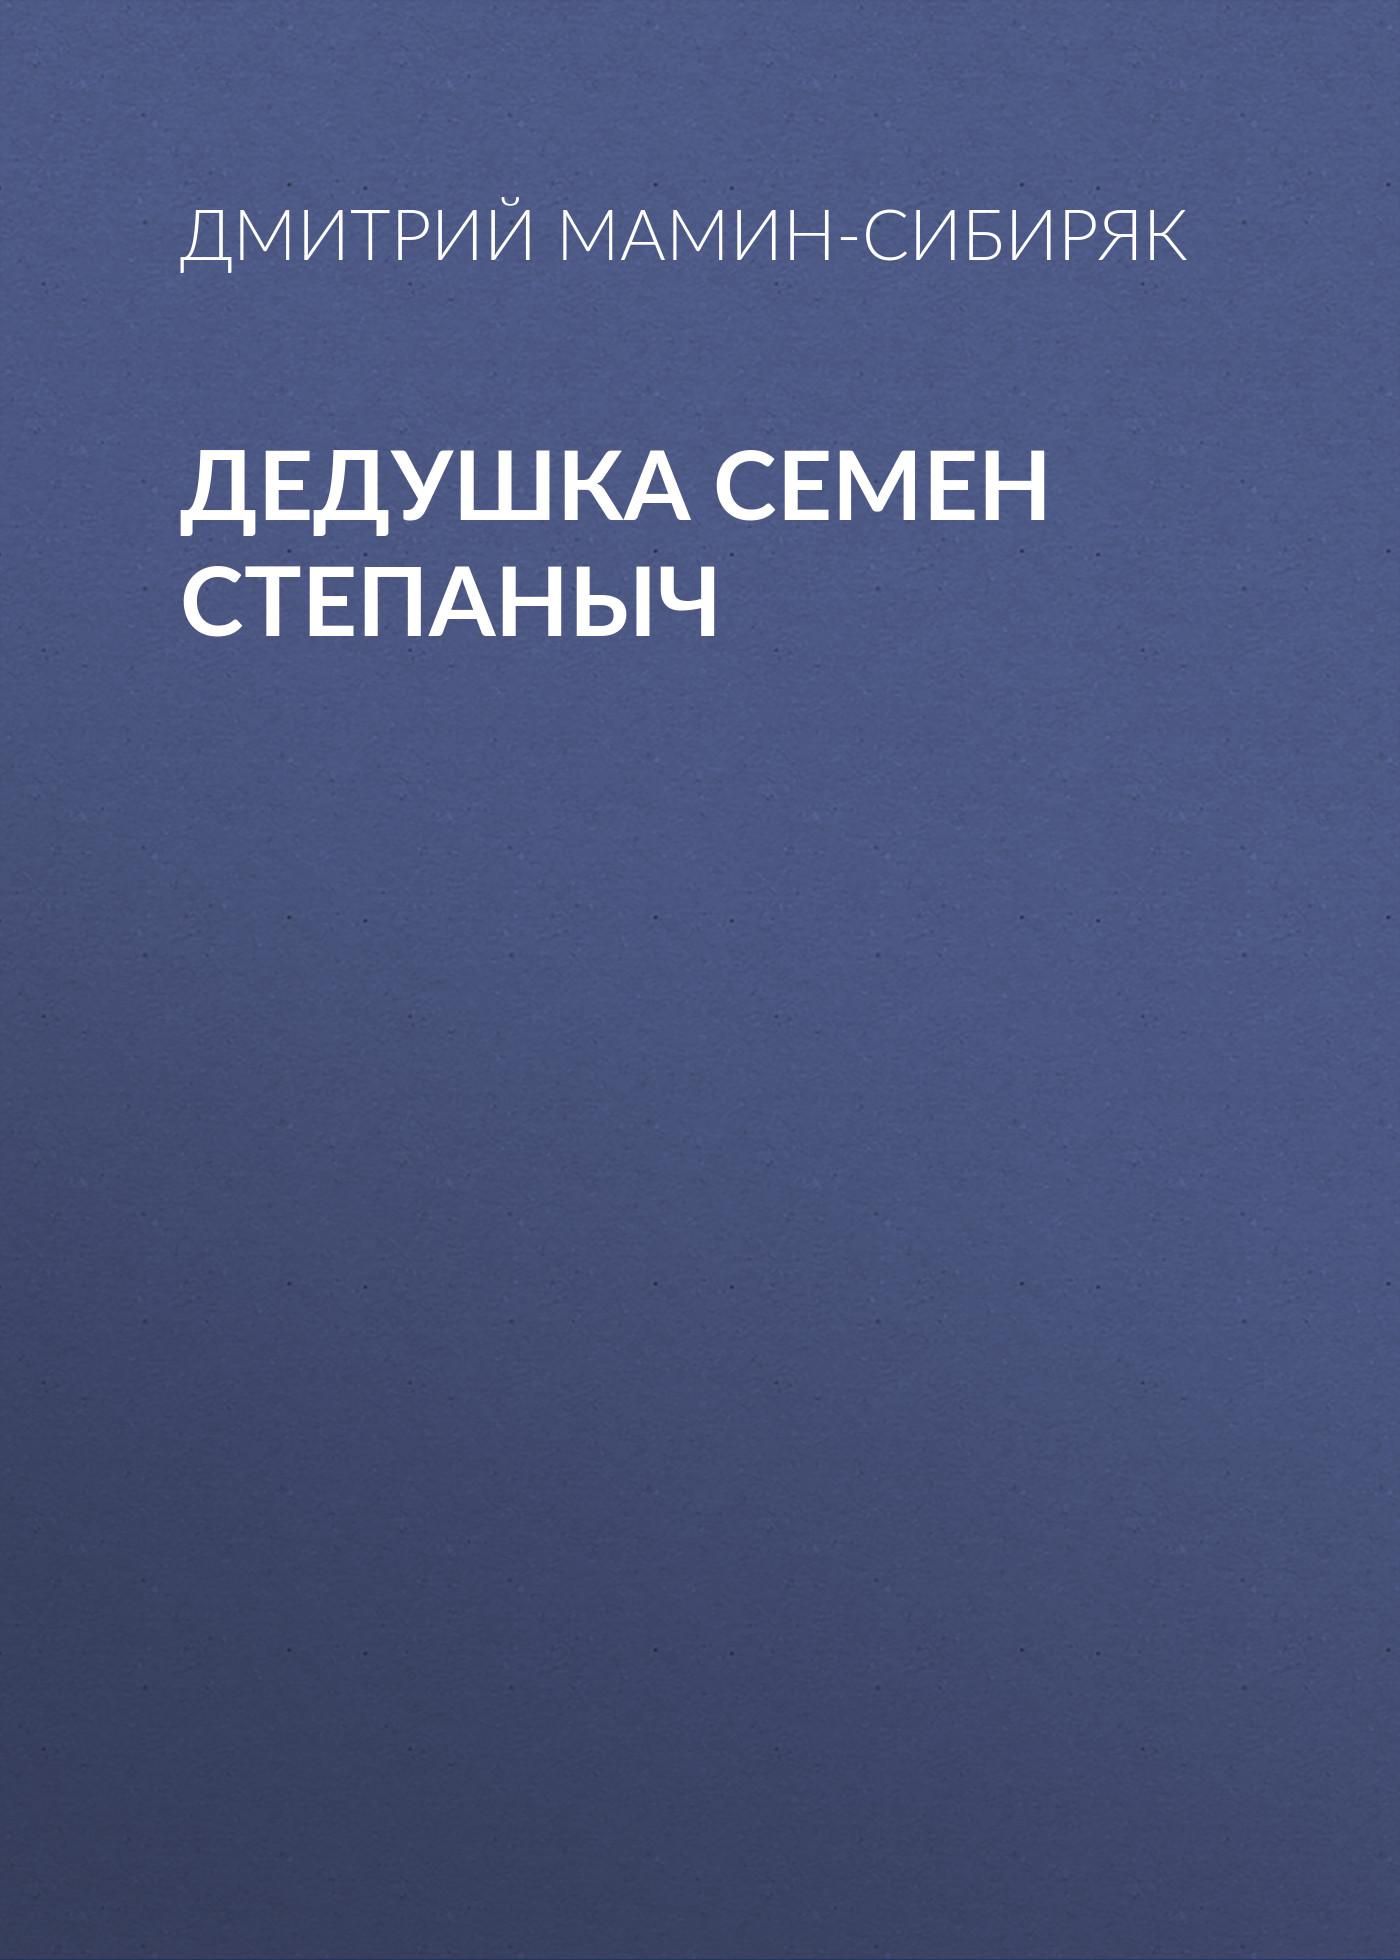 Дмитрий Мамин-Сибиряк Дедушка Семен Степаныч с масленицын писал семен спиридонов